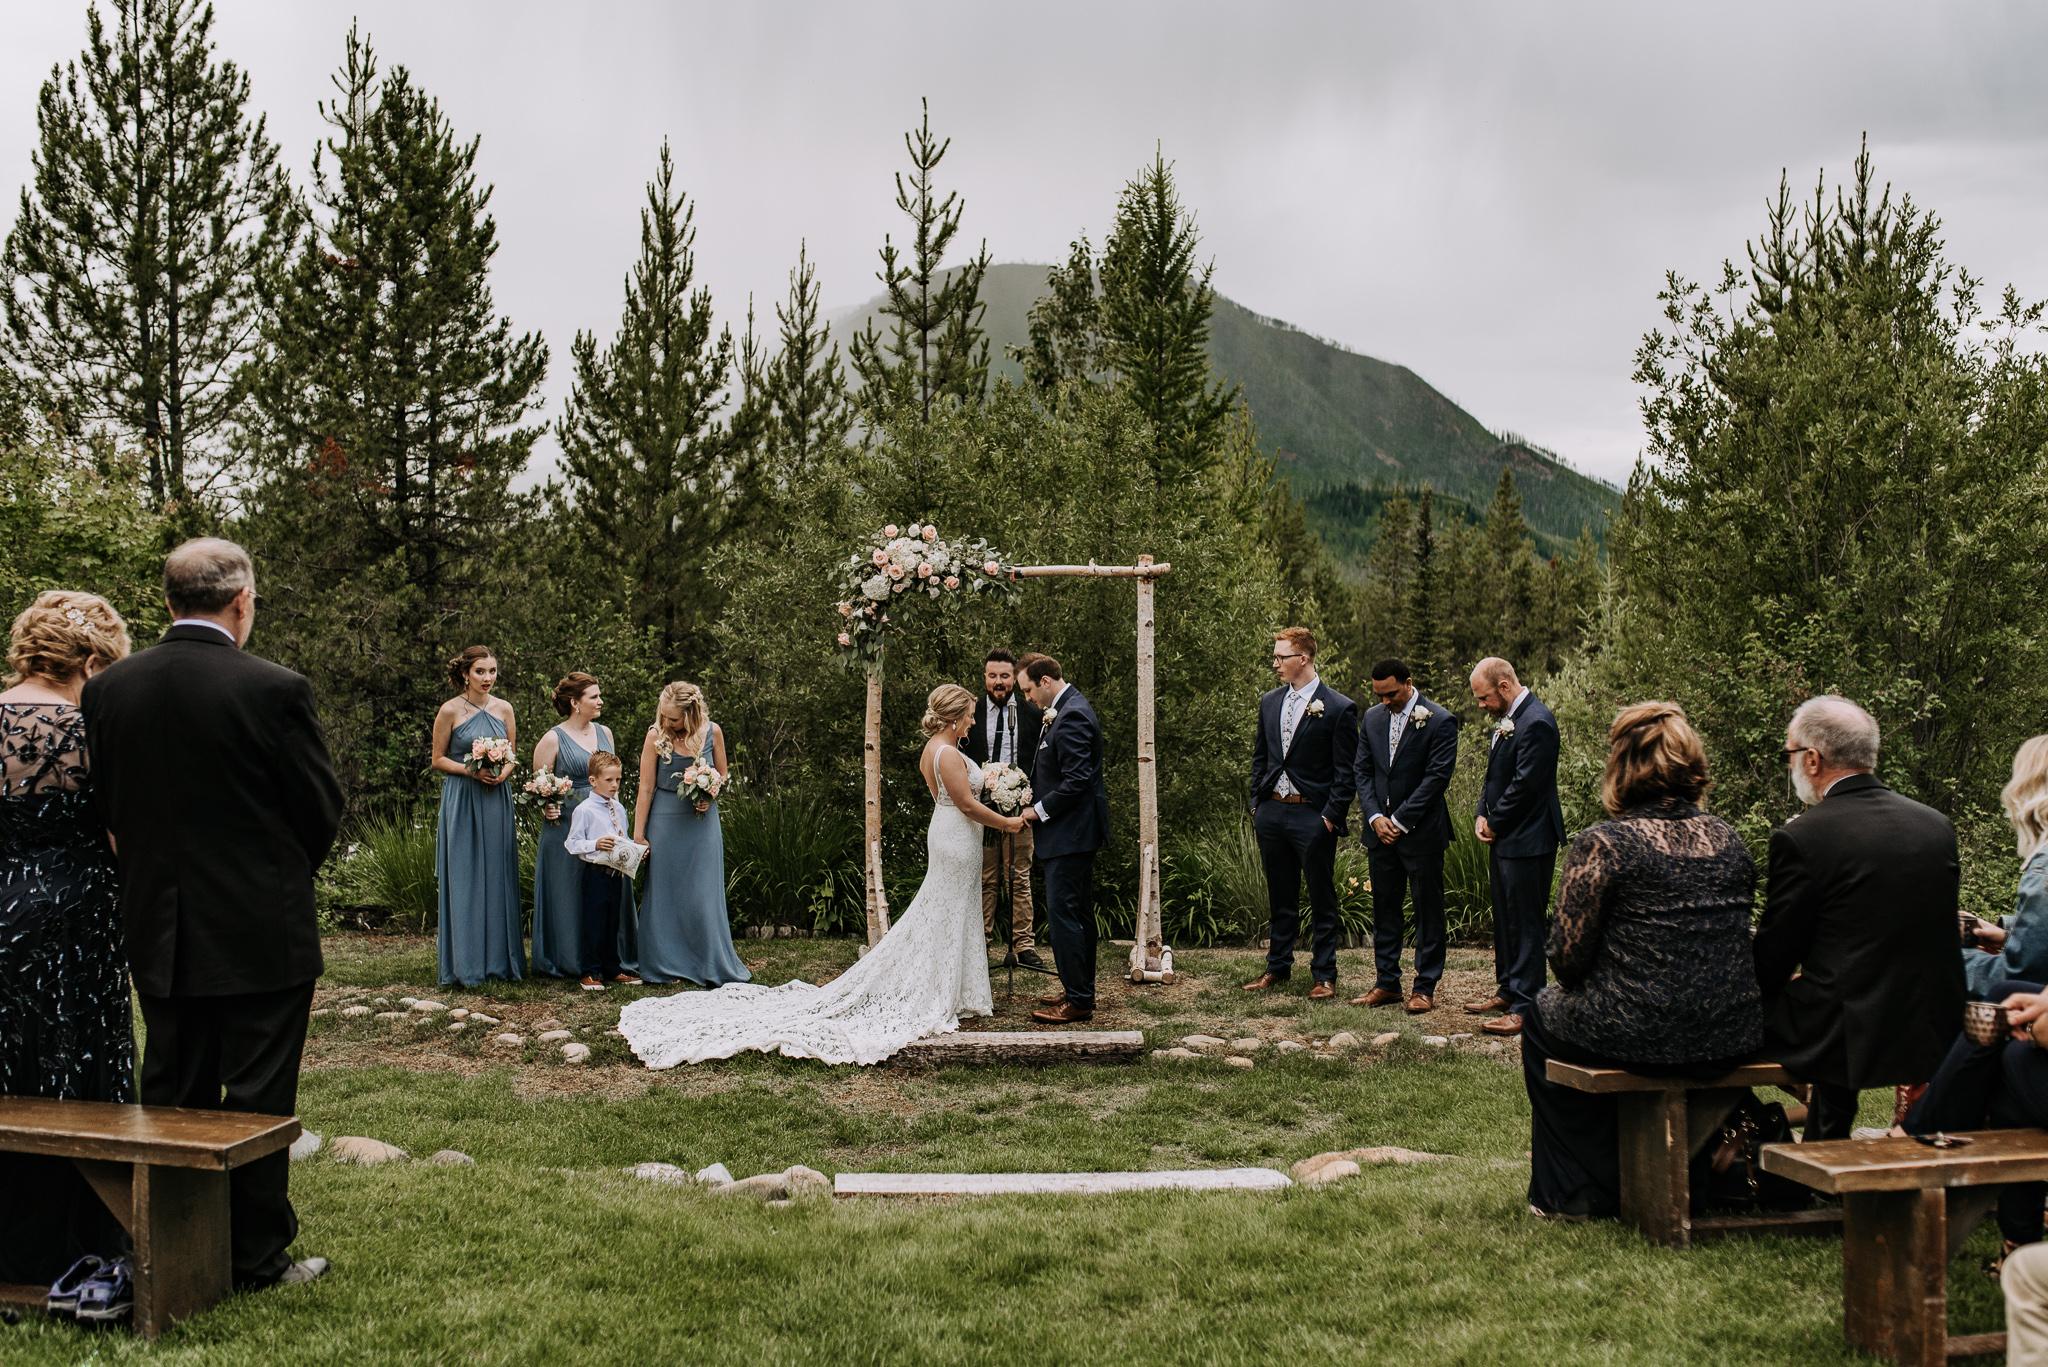 glacier-park-wedding-76.jpg